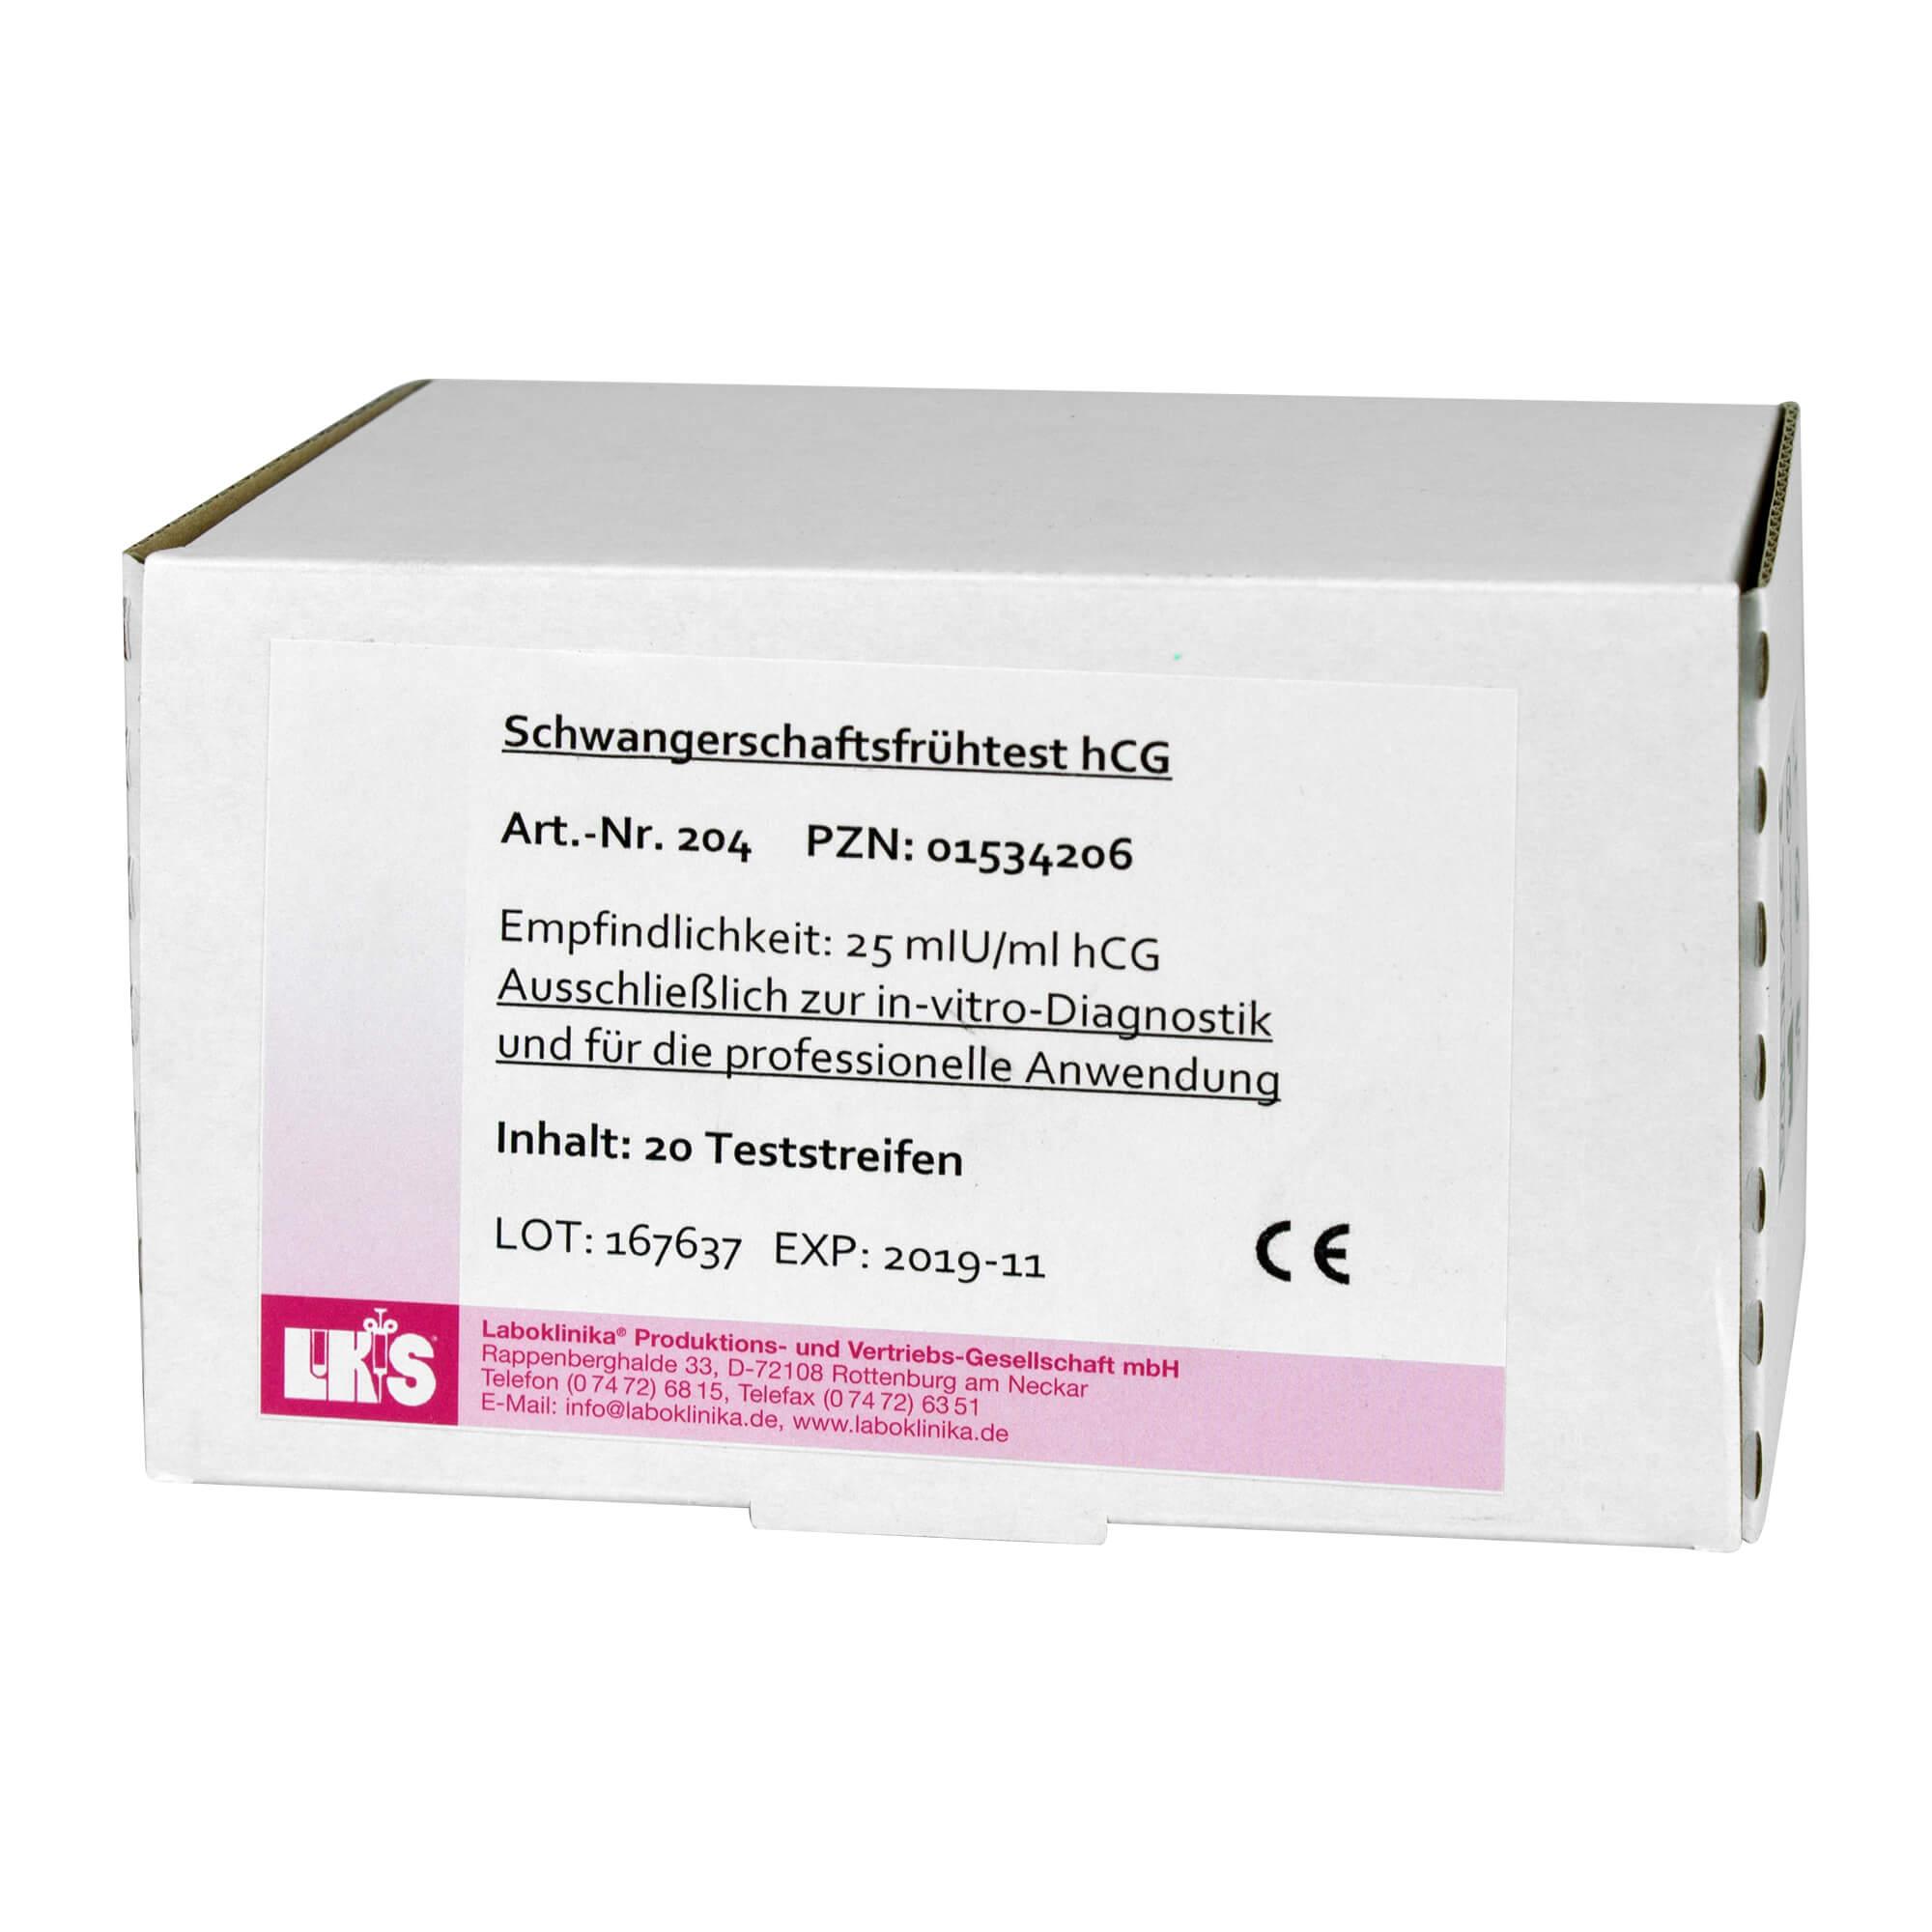 Schwangerschaftsfrühtest Urin hCG Teststreifen